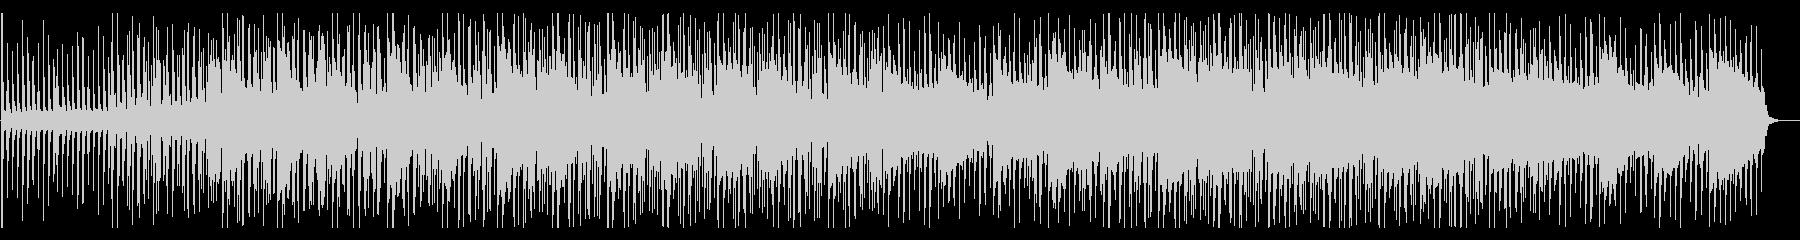 落ち着いた爽やかなBGM/ピアノ/シンセの未再生の波形